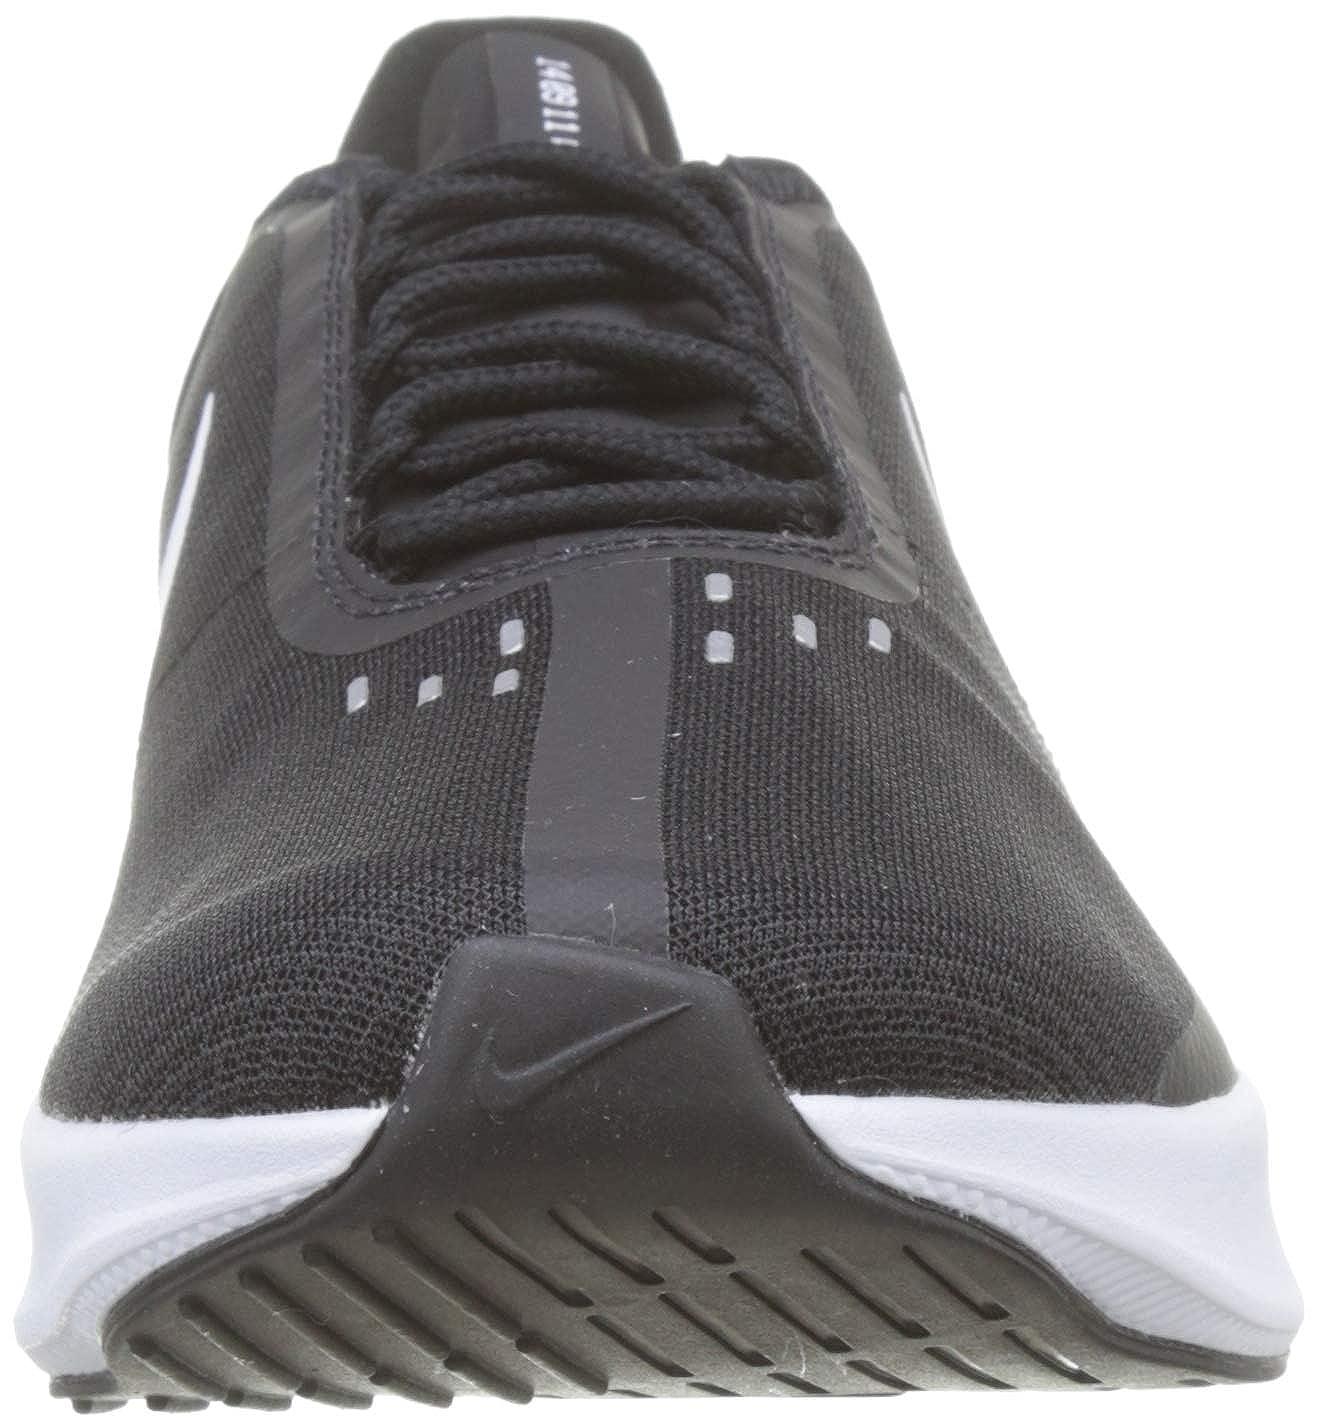 san francisco 64c70 7f1d3 Nike Exp-z07, Chaussures de Basketball Homme  Amazon.fr  Chaussures et Sacs